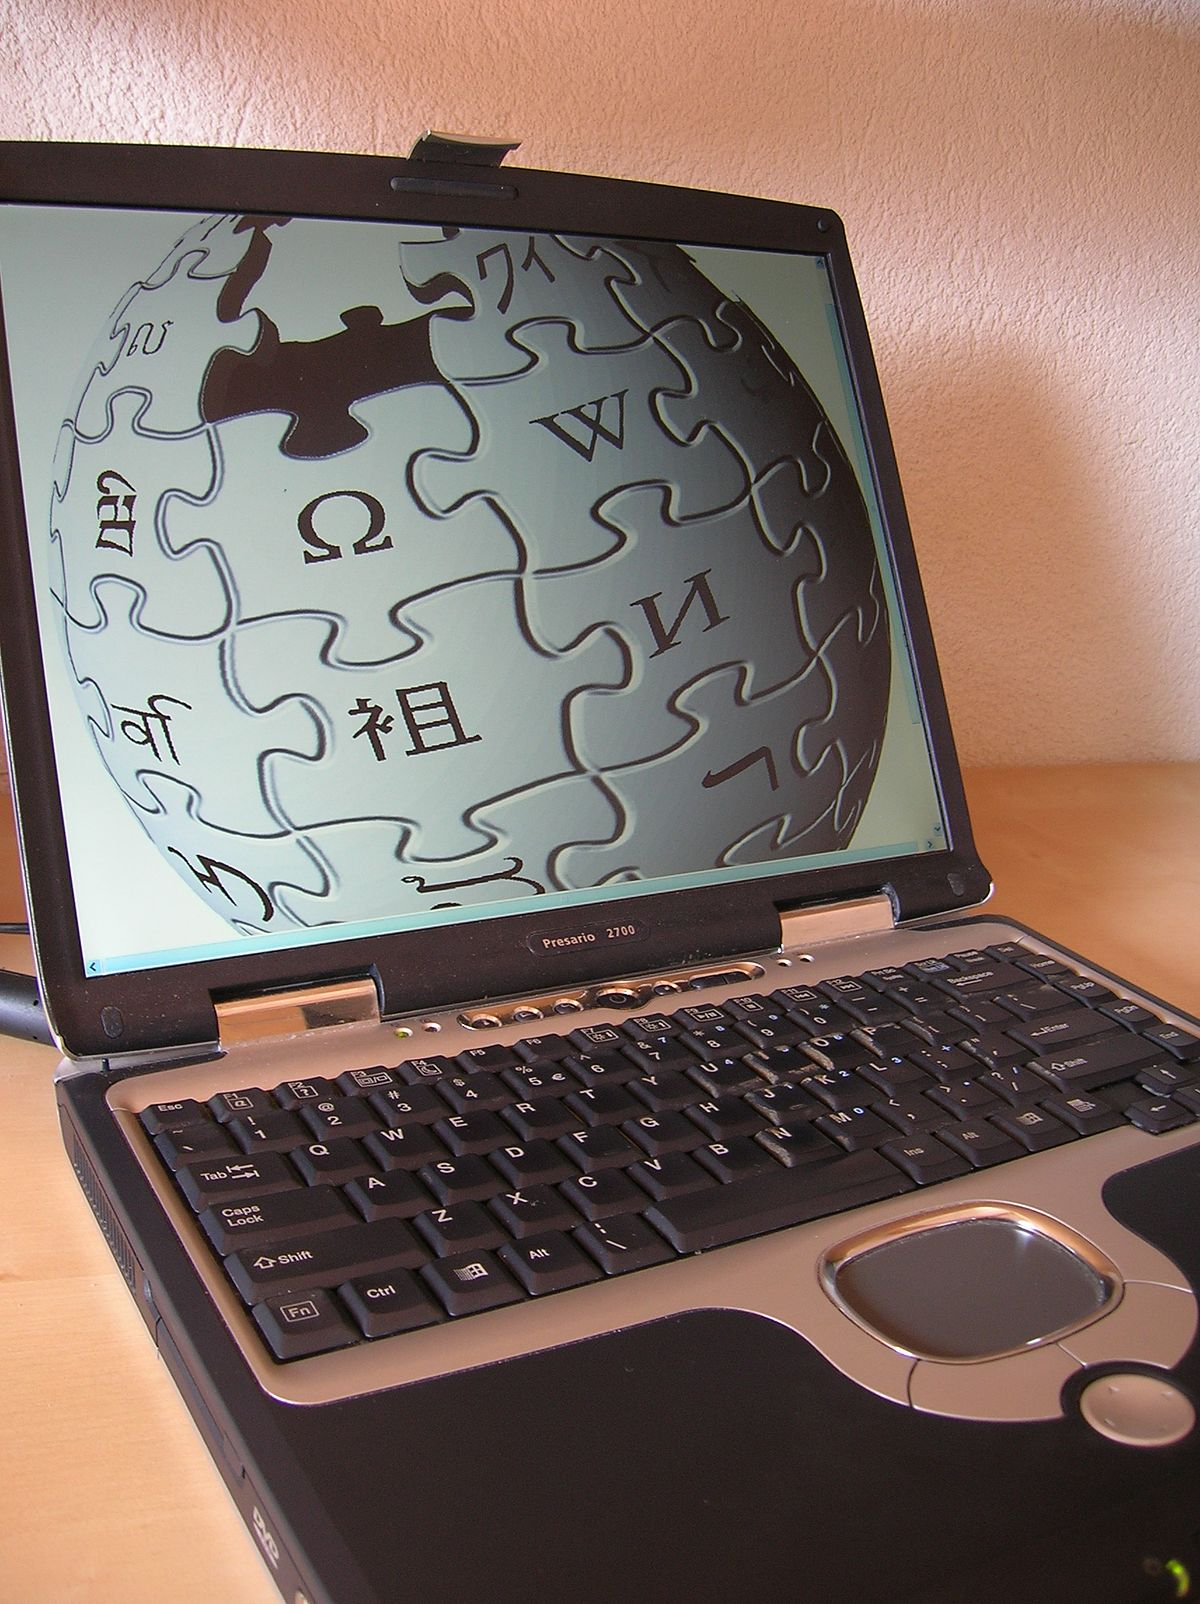 Compaq Presario Wikipedia